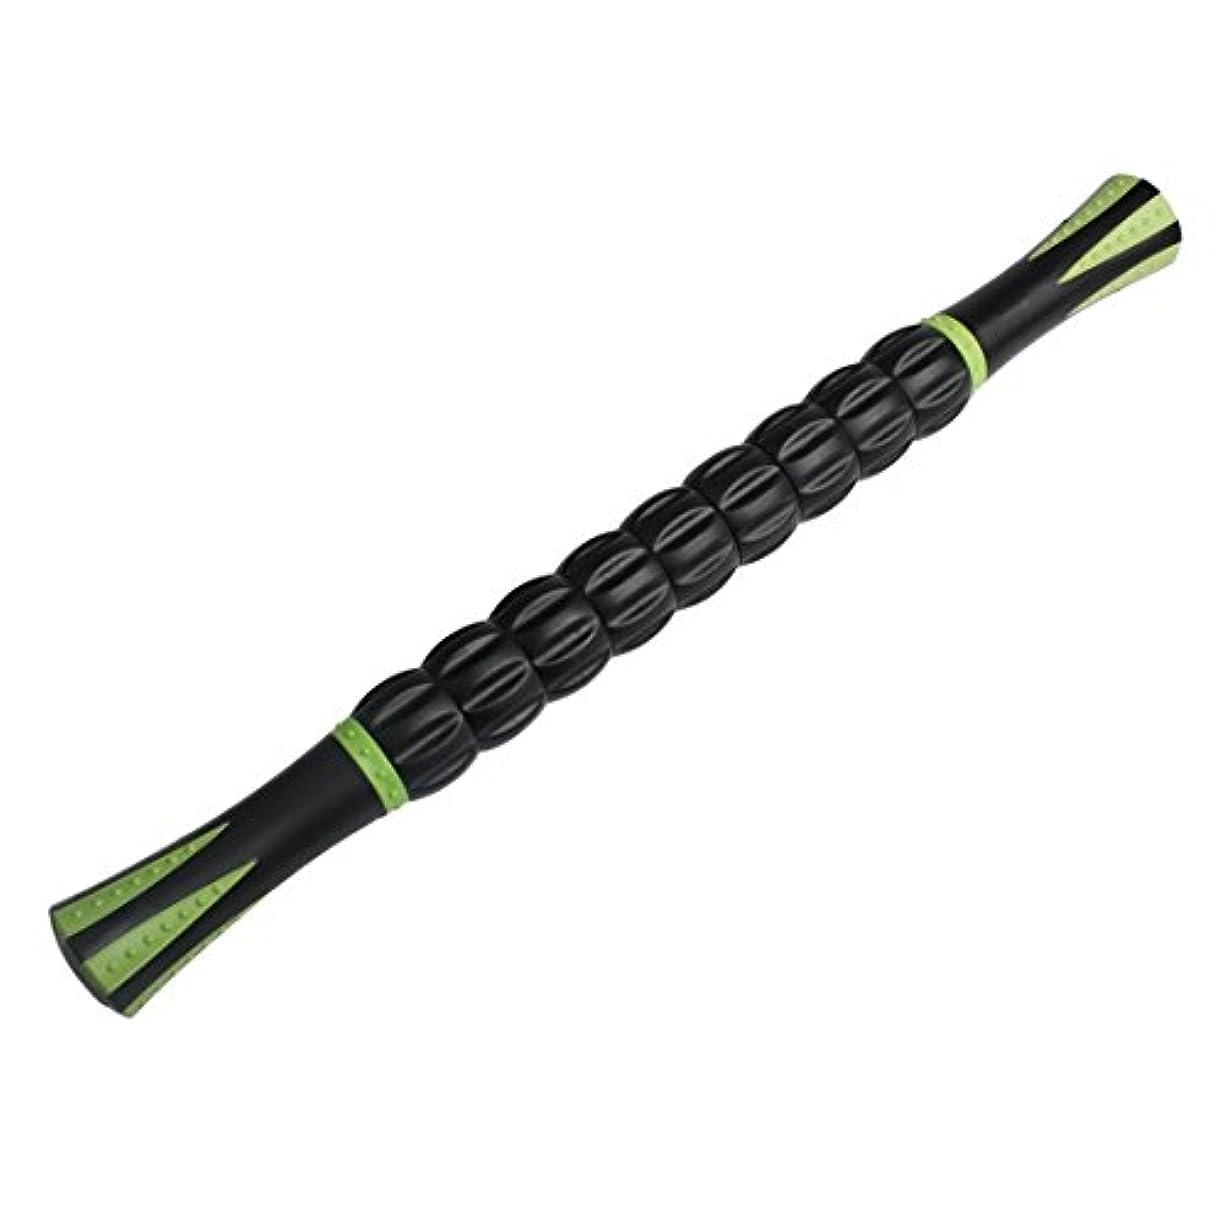 葡萄マントル隣人Andux 人気が高い筋マッサージローラー ツボのマッサージスティック  マットの色 JRAMB-01